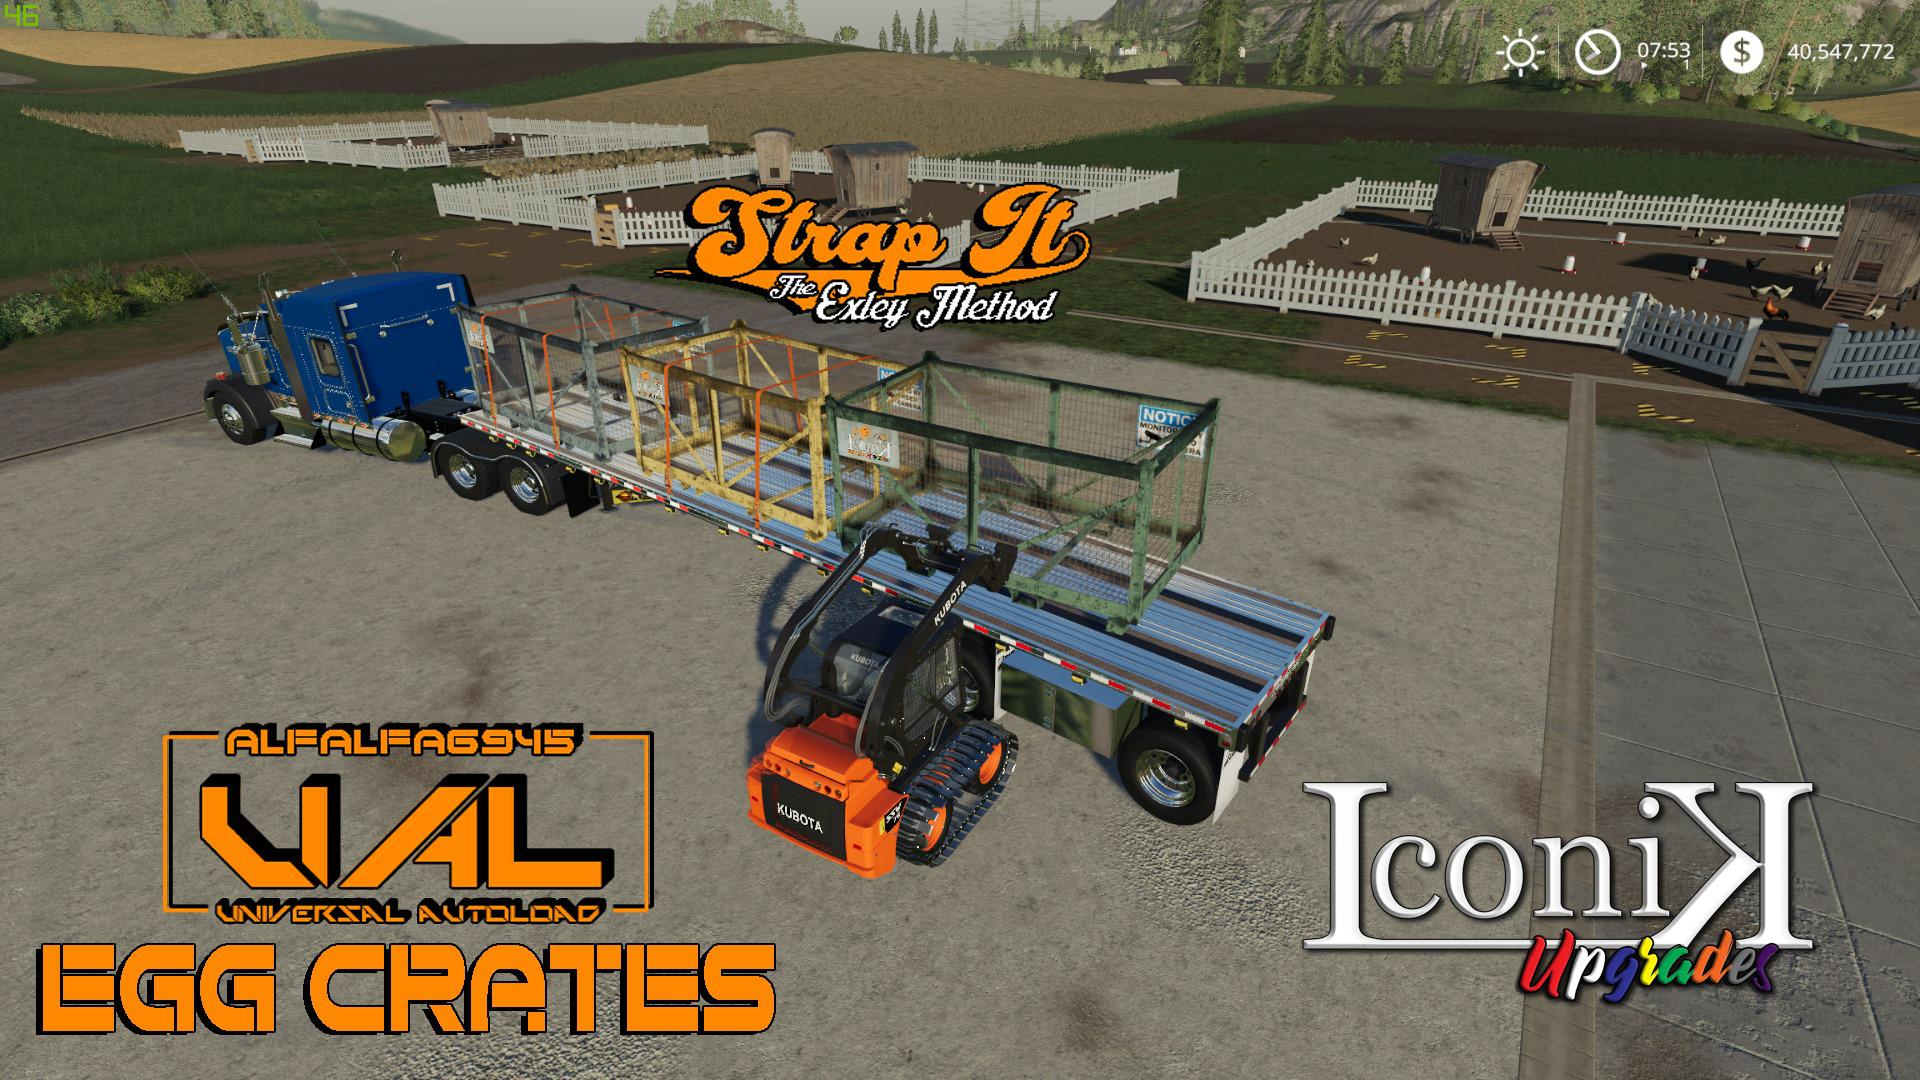 Iconik UAL Egg Crates v 1 0 | FS19 mods, Farming simulator 19 mods